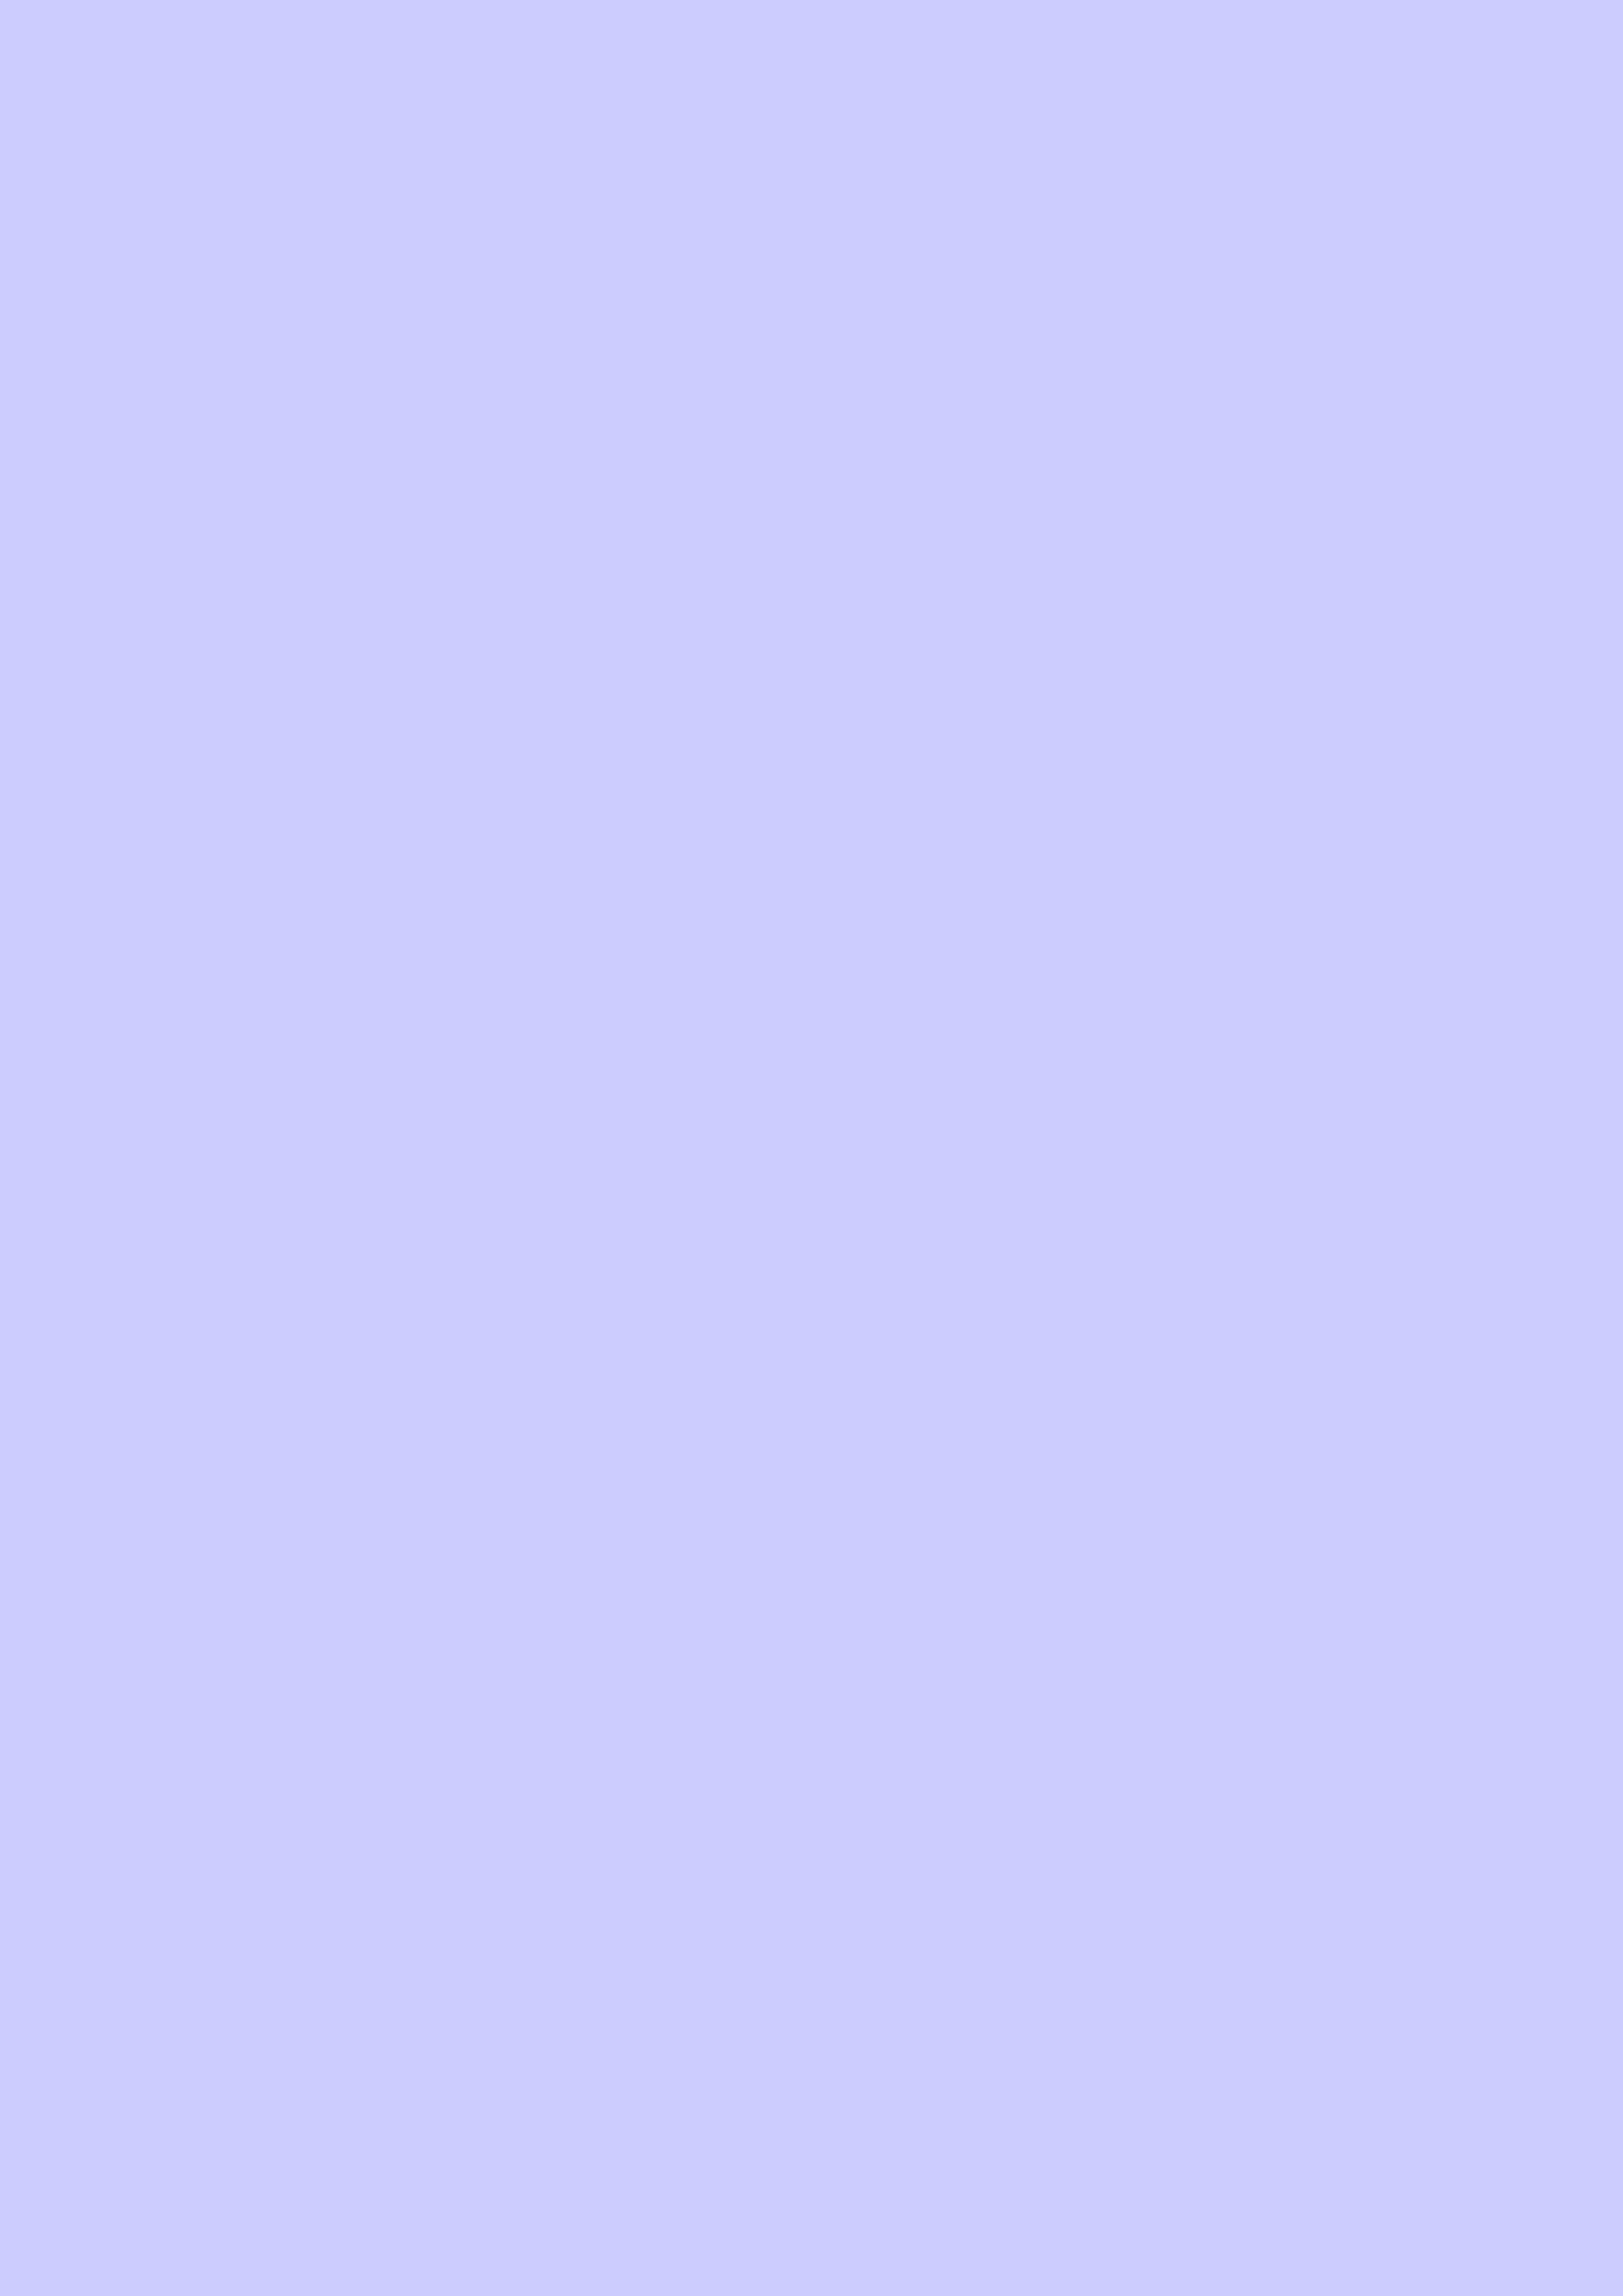 2480x3508 Lavender Blue Solid Color Background